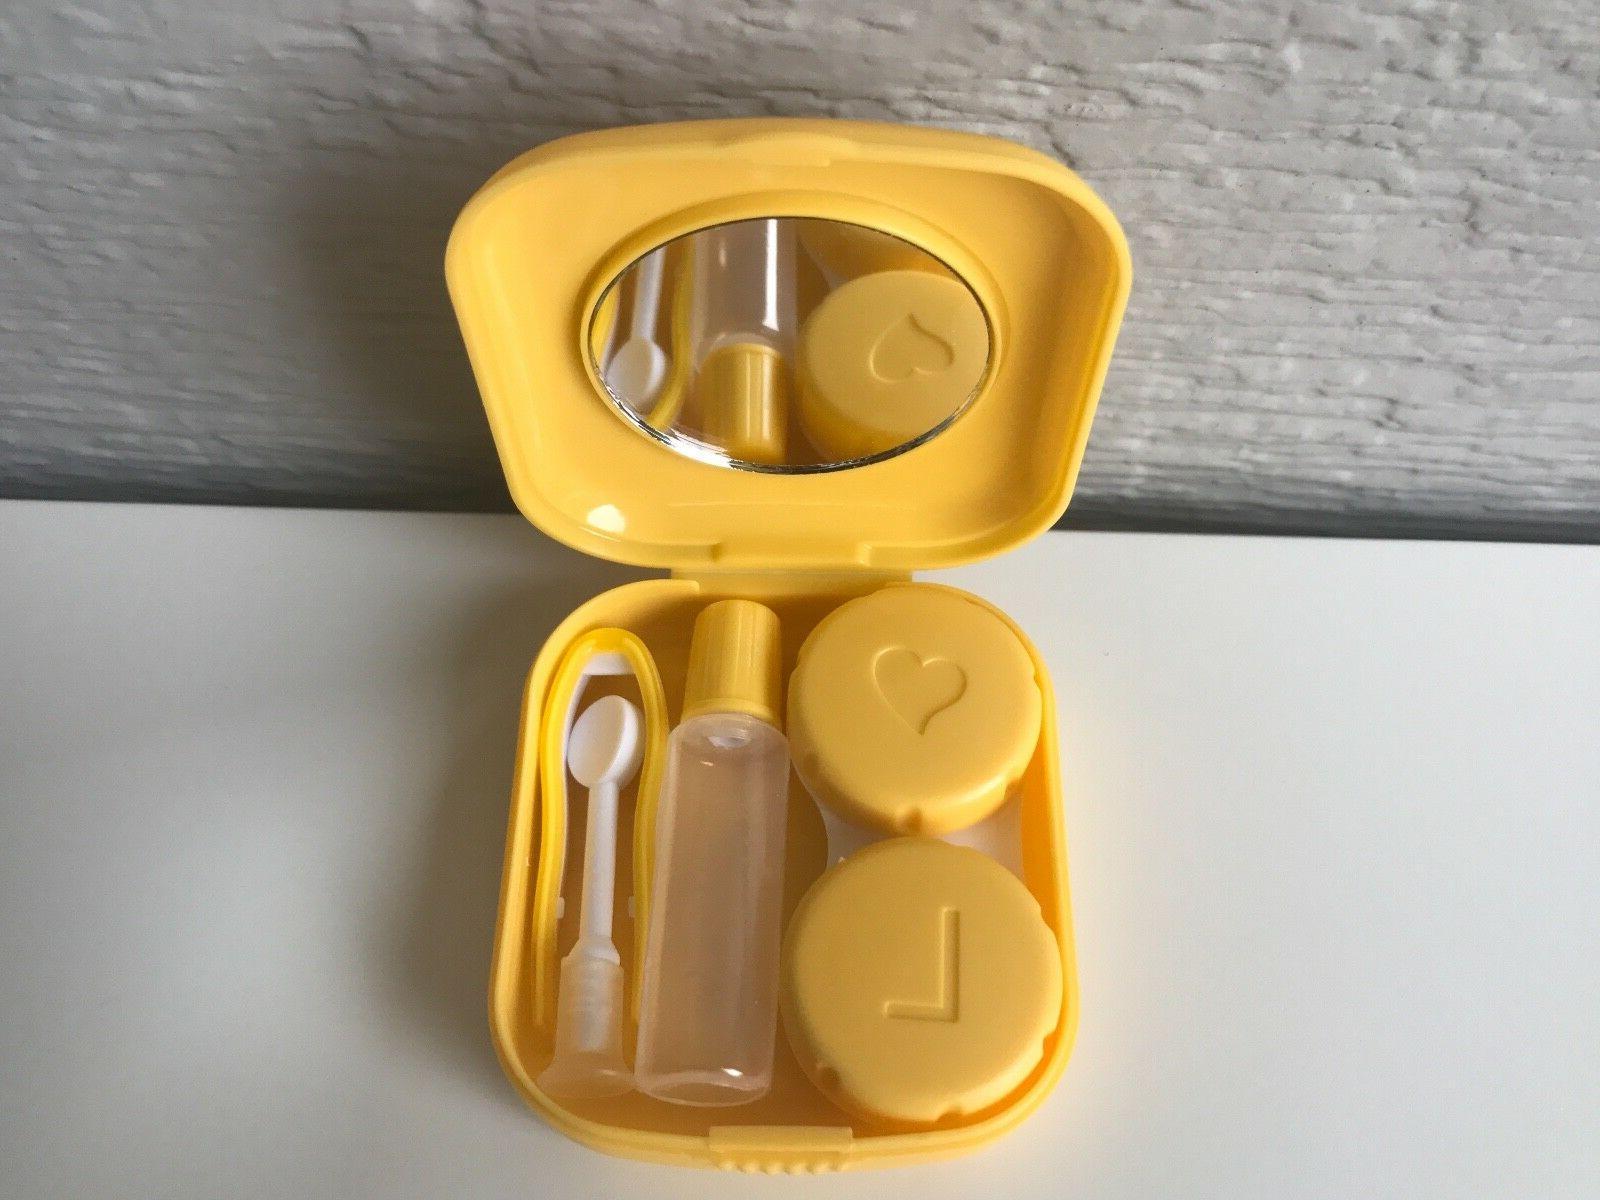 Contact Lens Travel Case Mirror Holder Remover Applicator Tweezers